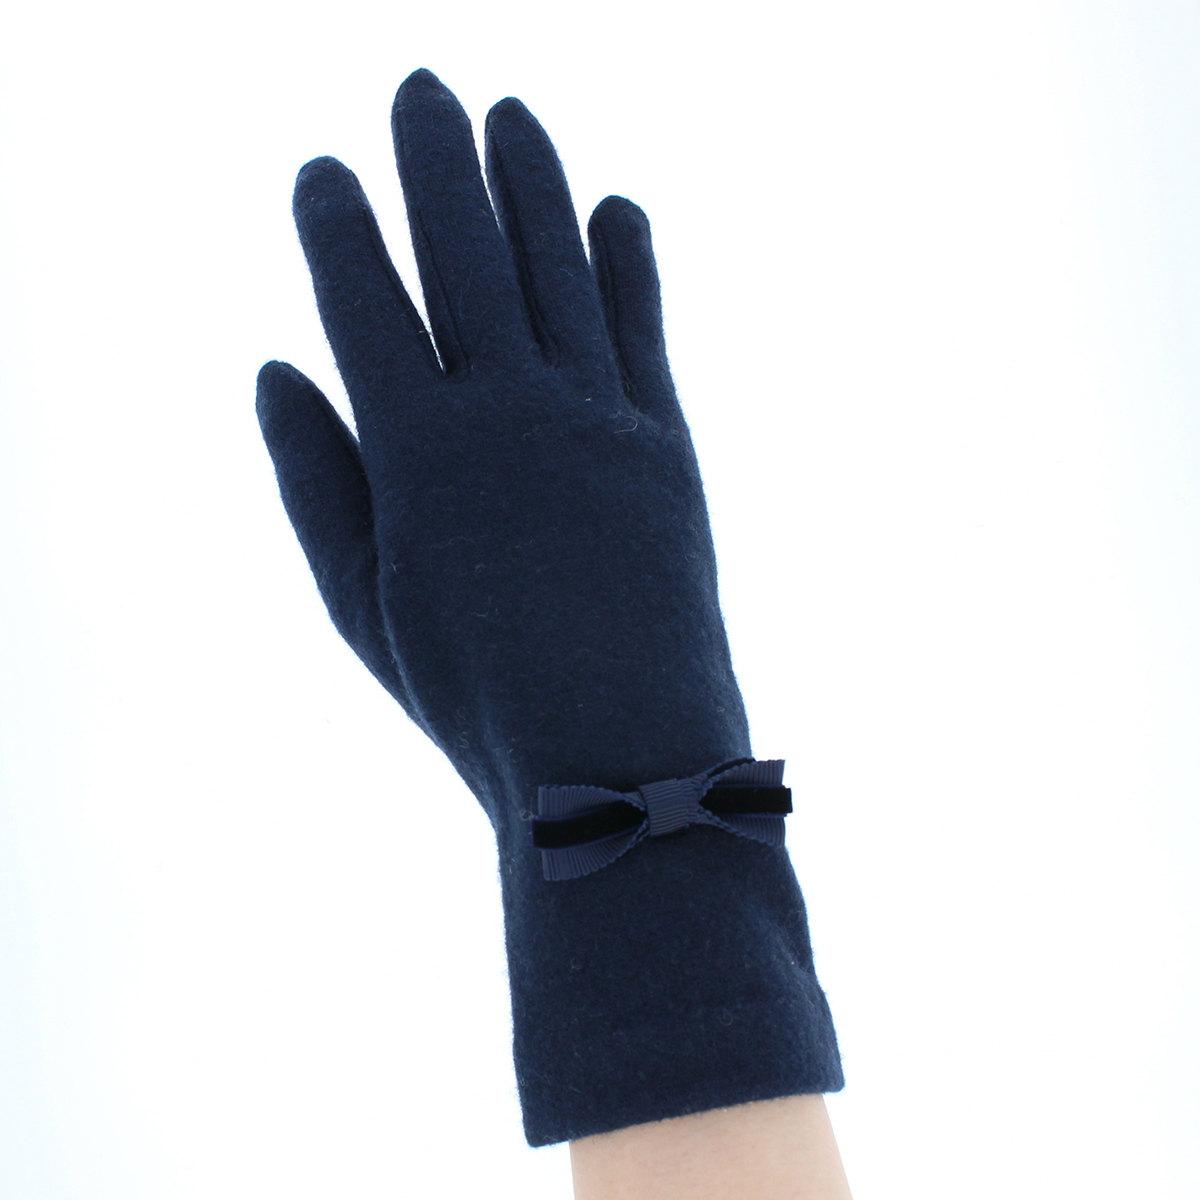 ローラアシュレイ 人気ブランド レディース ジャージ手袋 タッチパネル スマホ対応 長め丈 秋冬 五本指手袋 ワンポイント リボン おしゃれ ガーリーデザイン